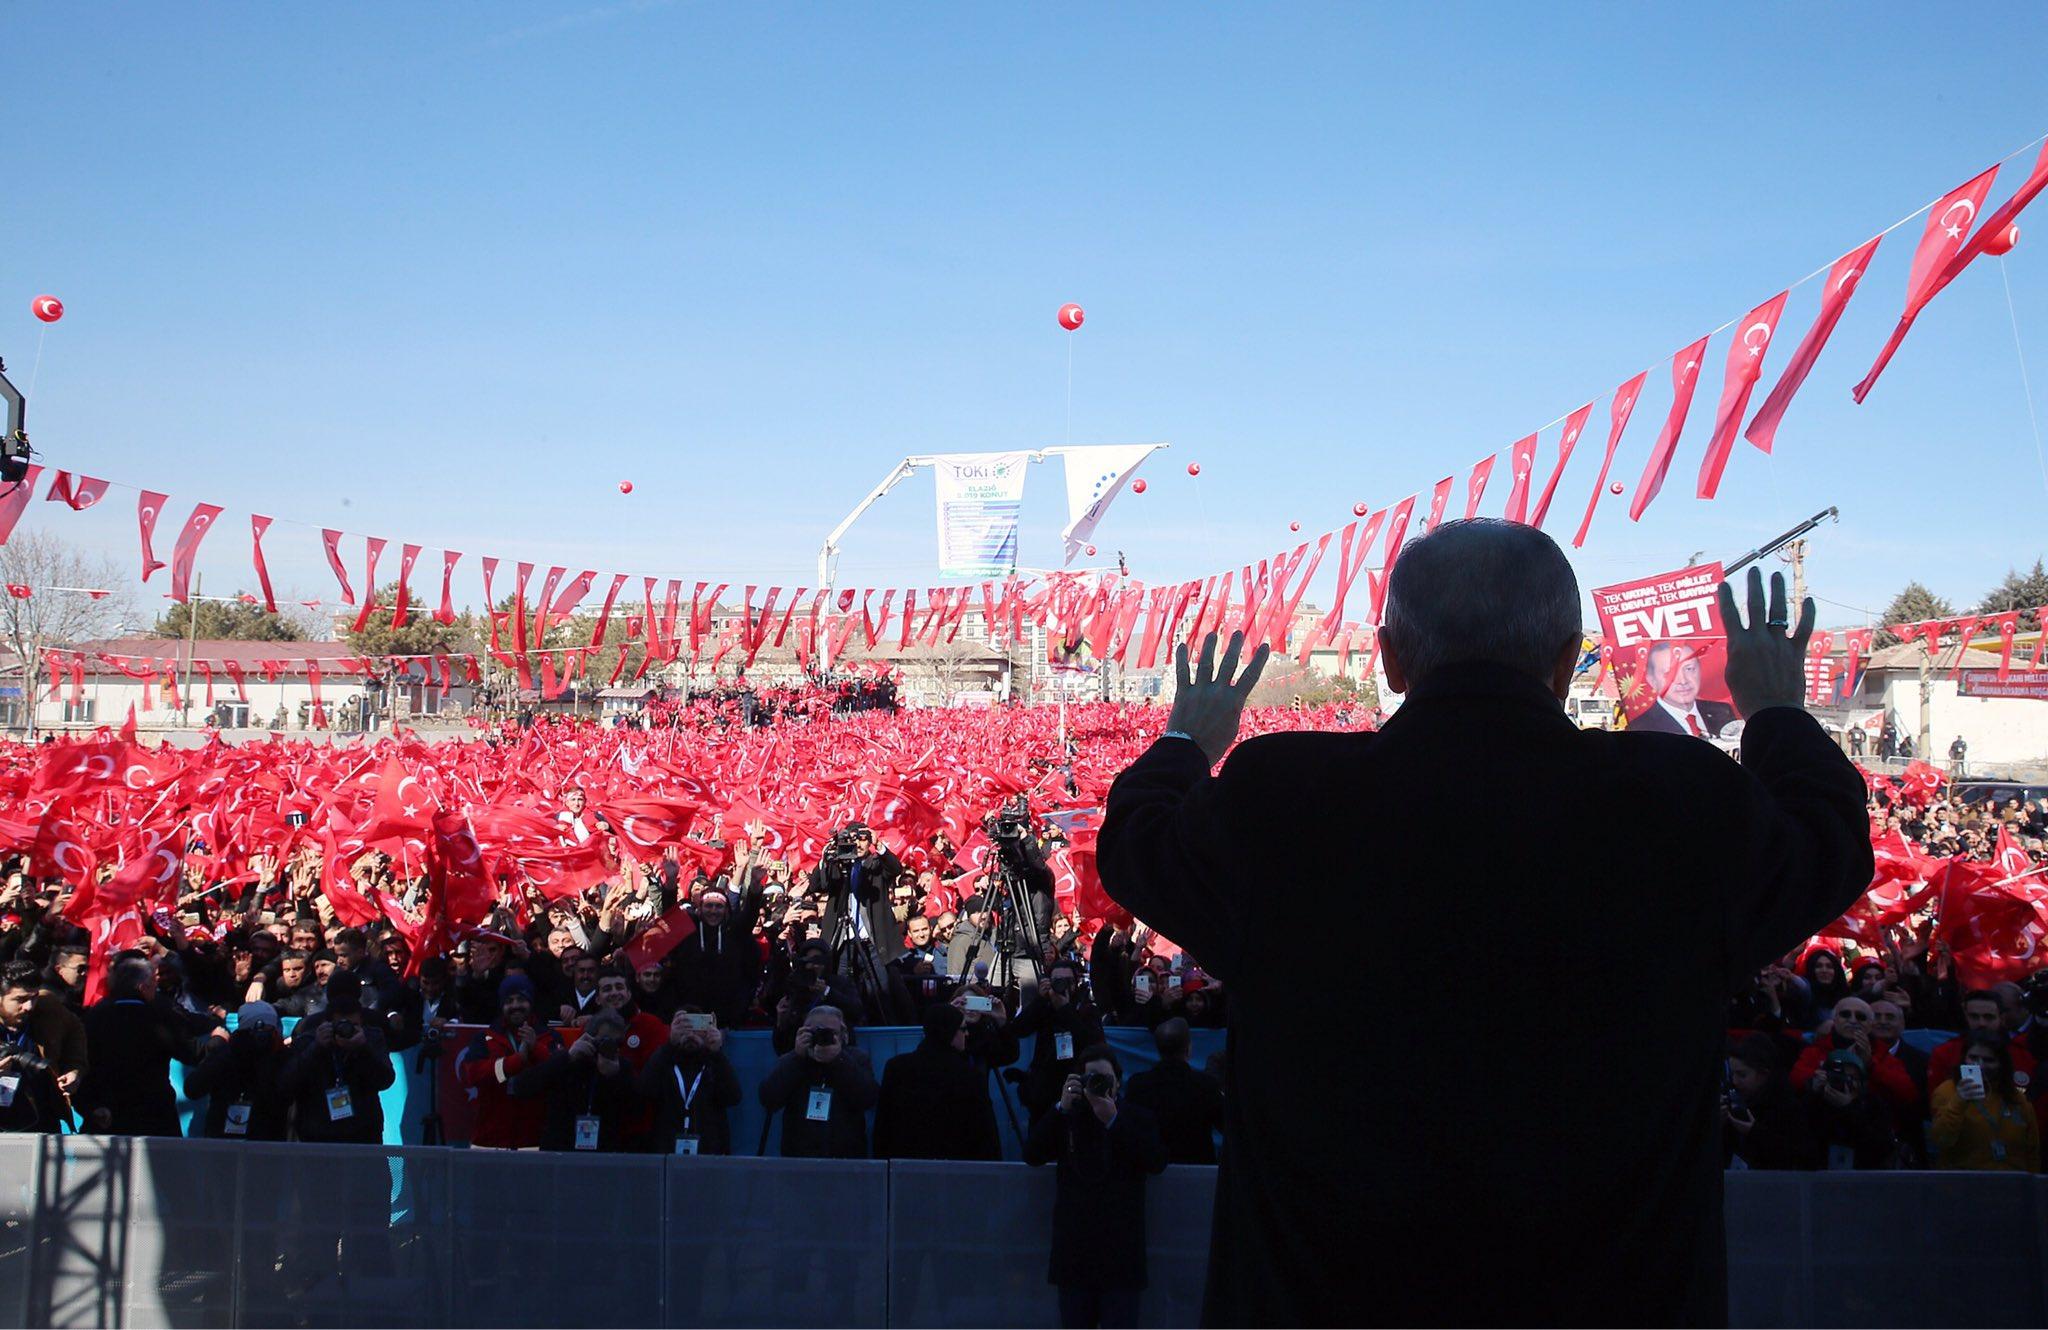 Teşekkürler Elazığ! https://t.co/D7vRjPQcfq